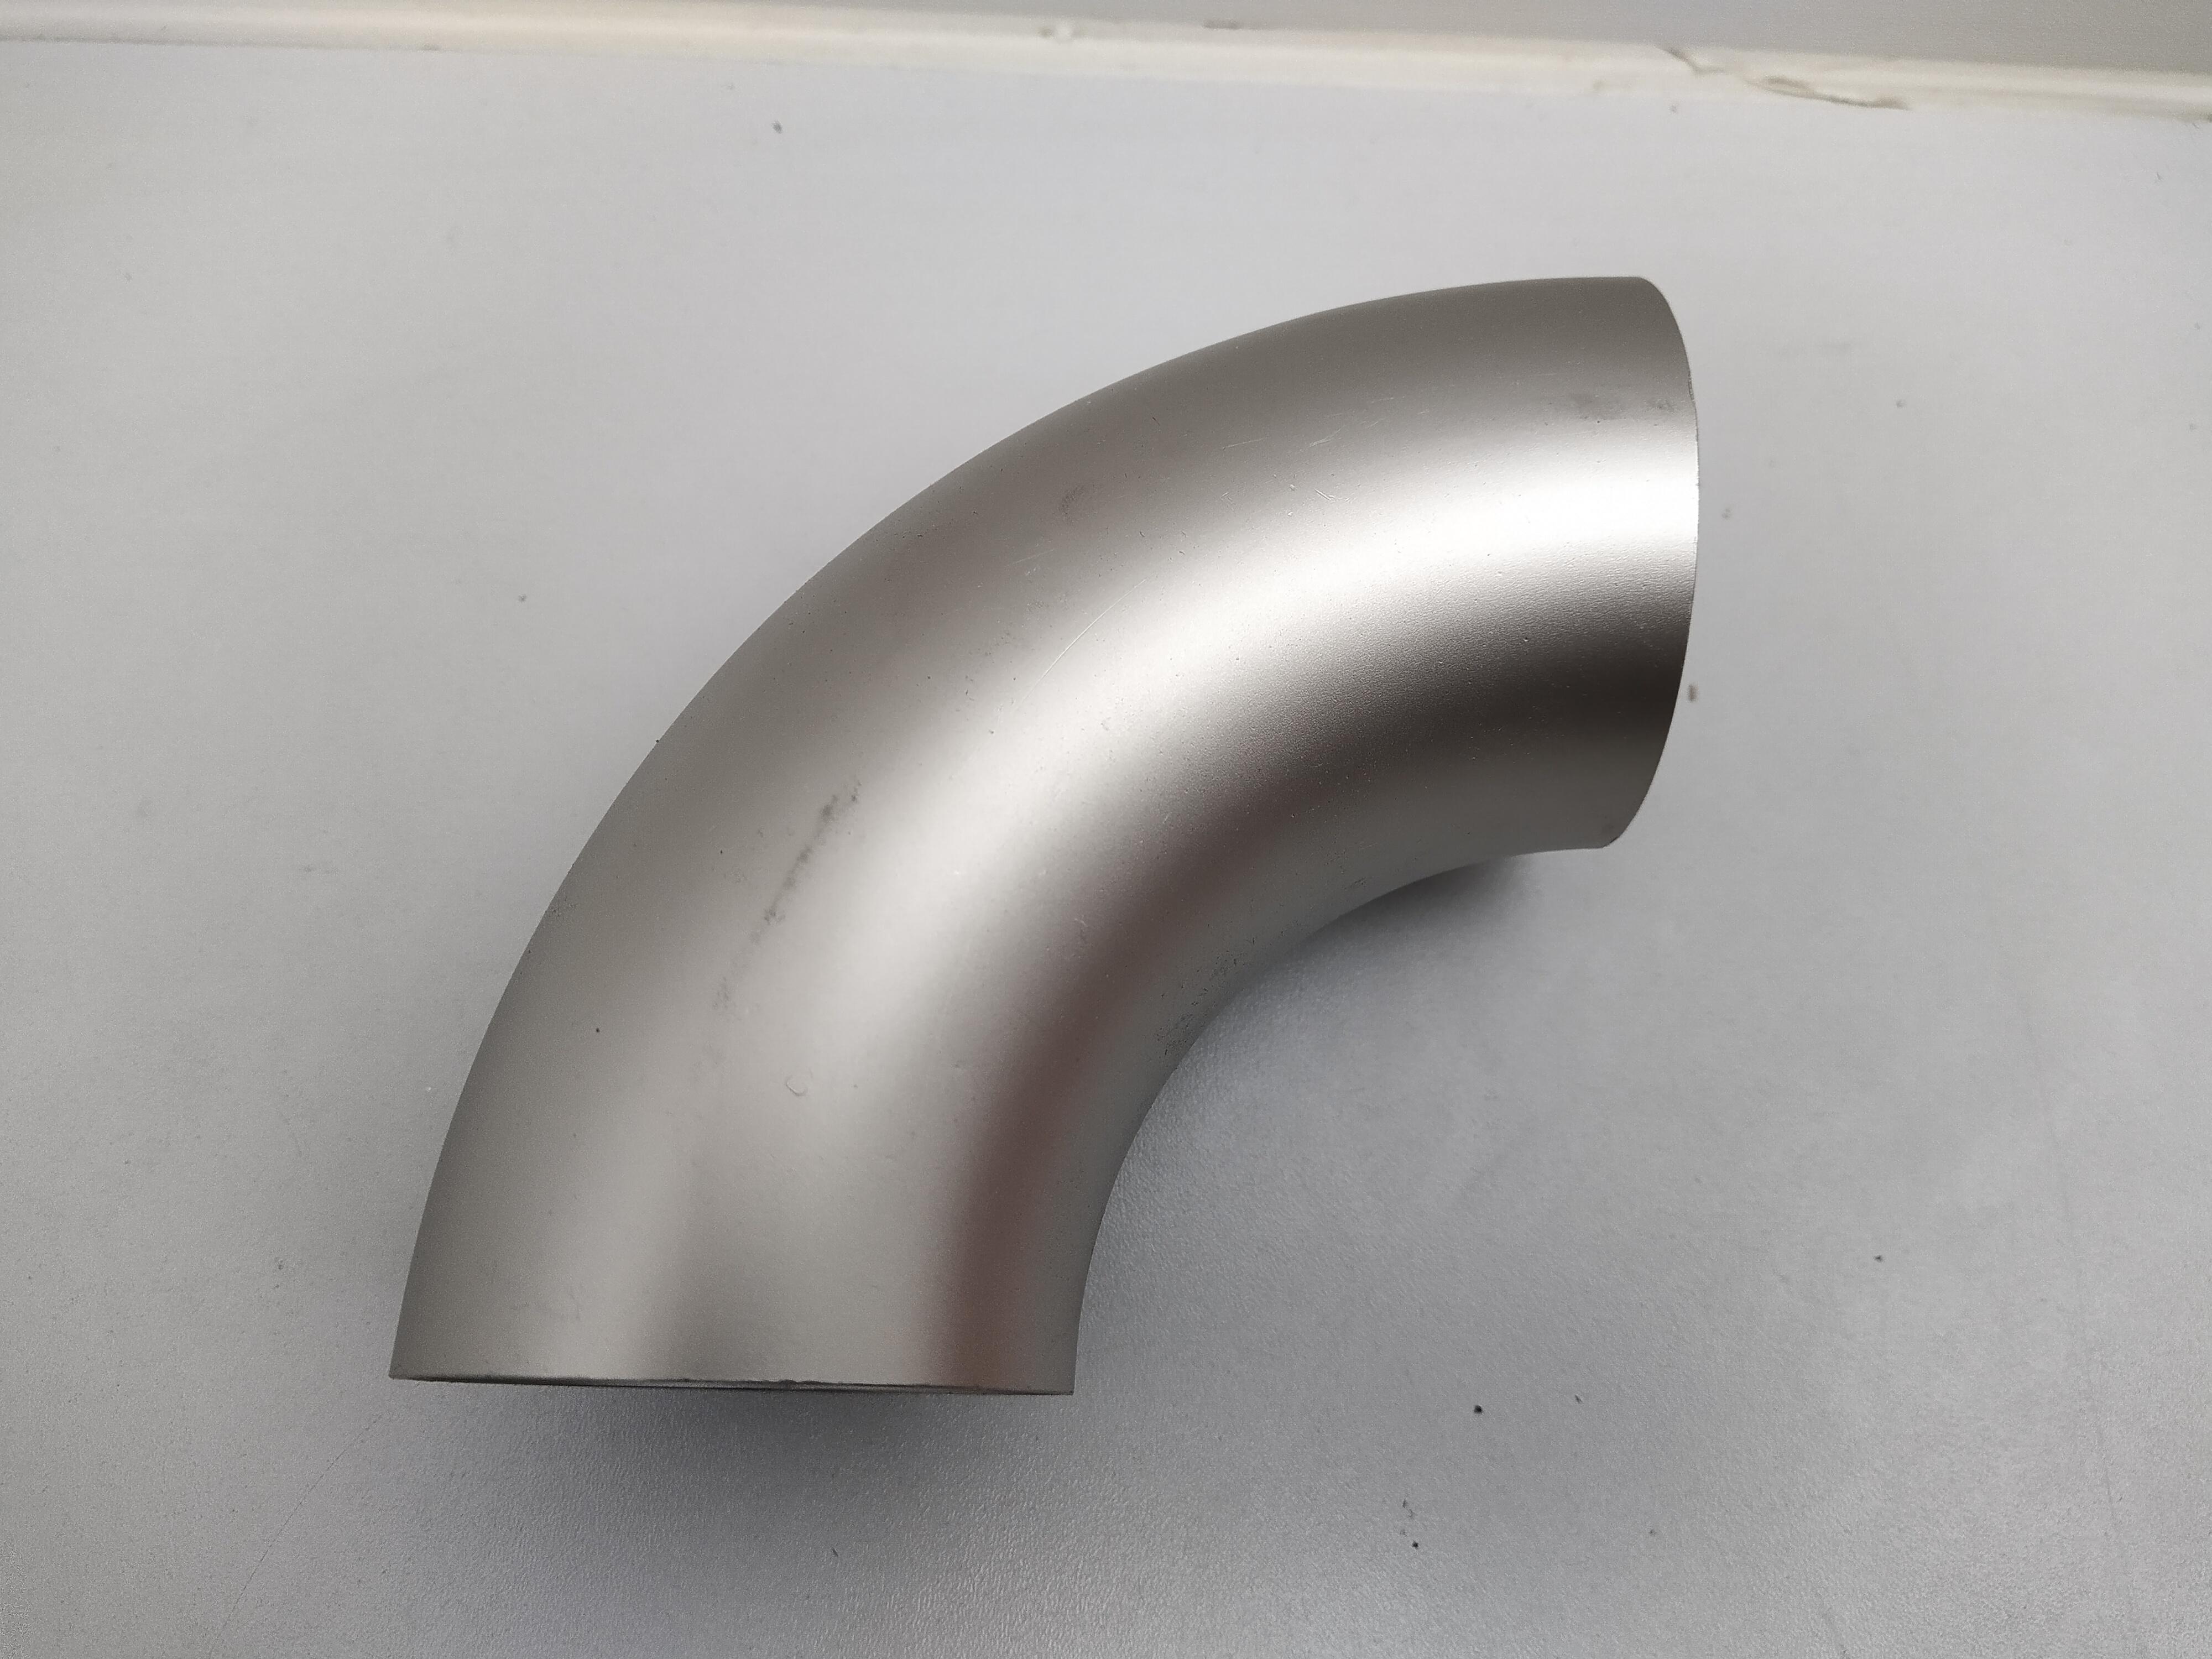 63,5x1,5mm 2,5 Zoll 90 Grad Bogen Edelstahl V2A